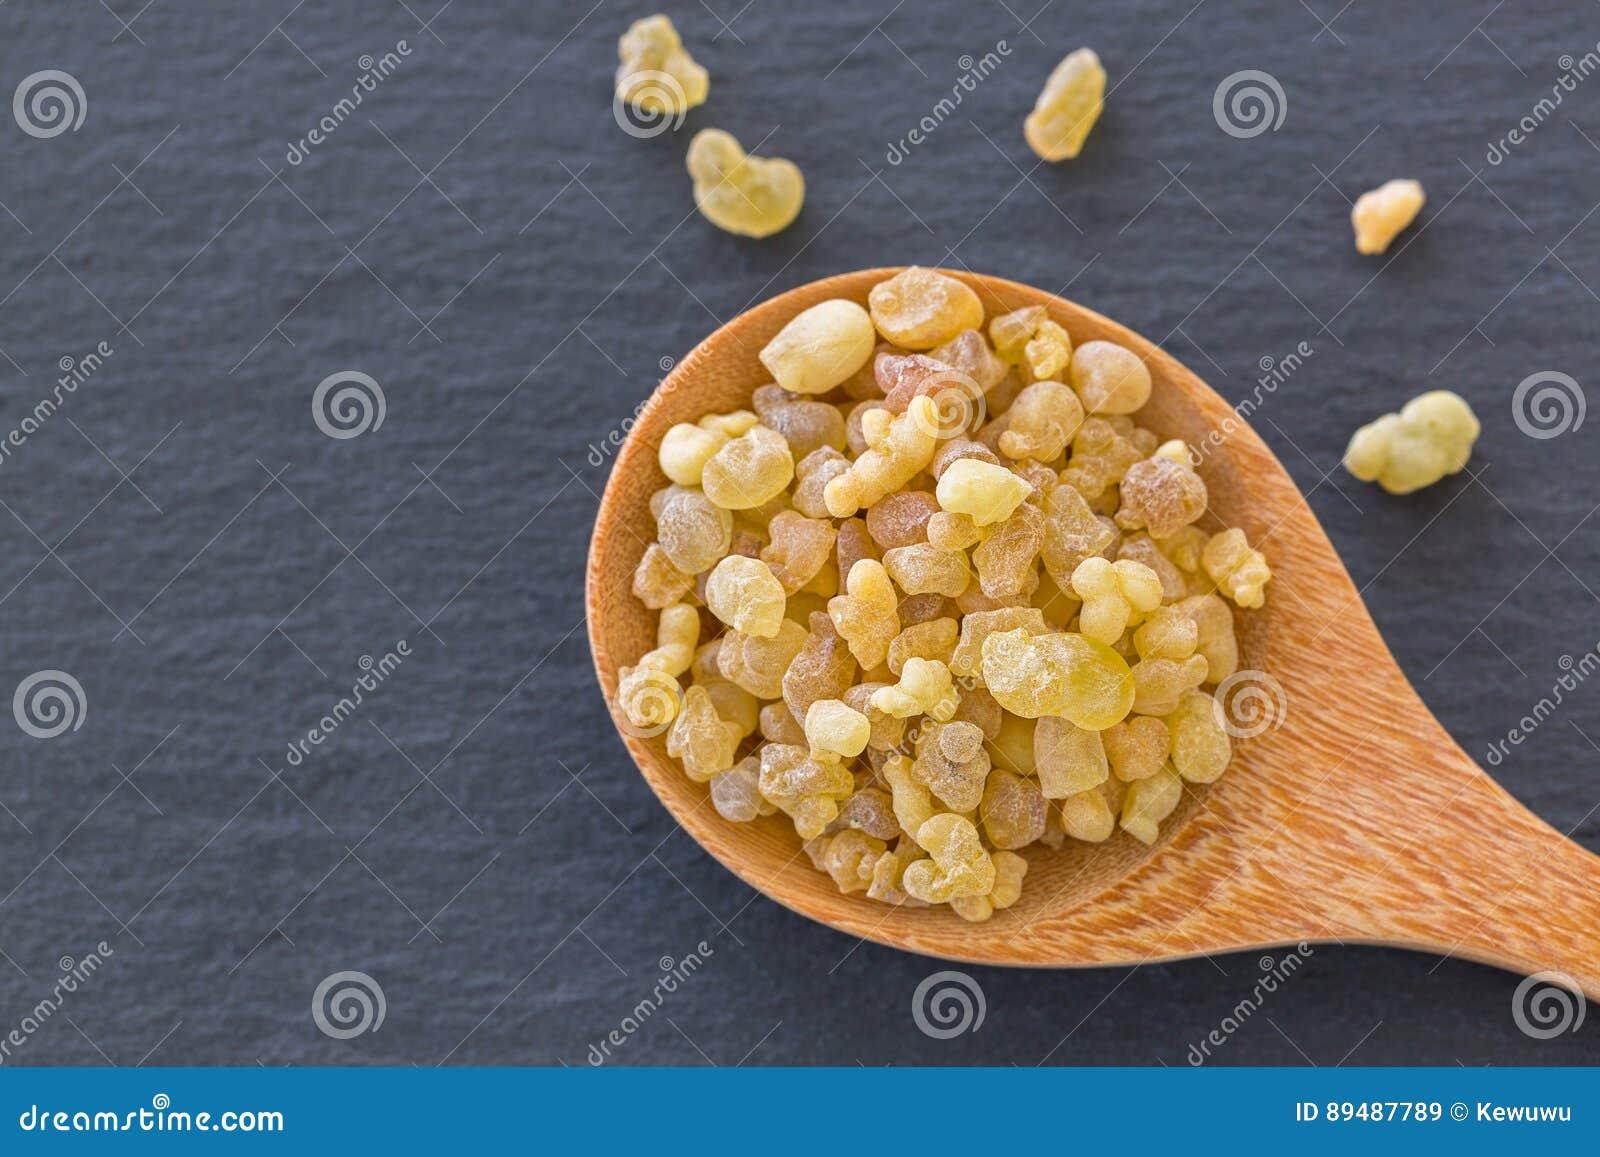 Drewniana łyżka Aromatyczny żółty żywicy dziąsło od sudańczyka Frankinc